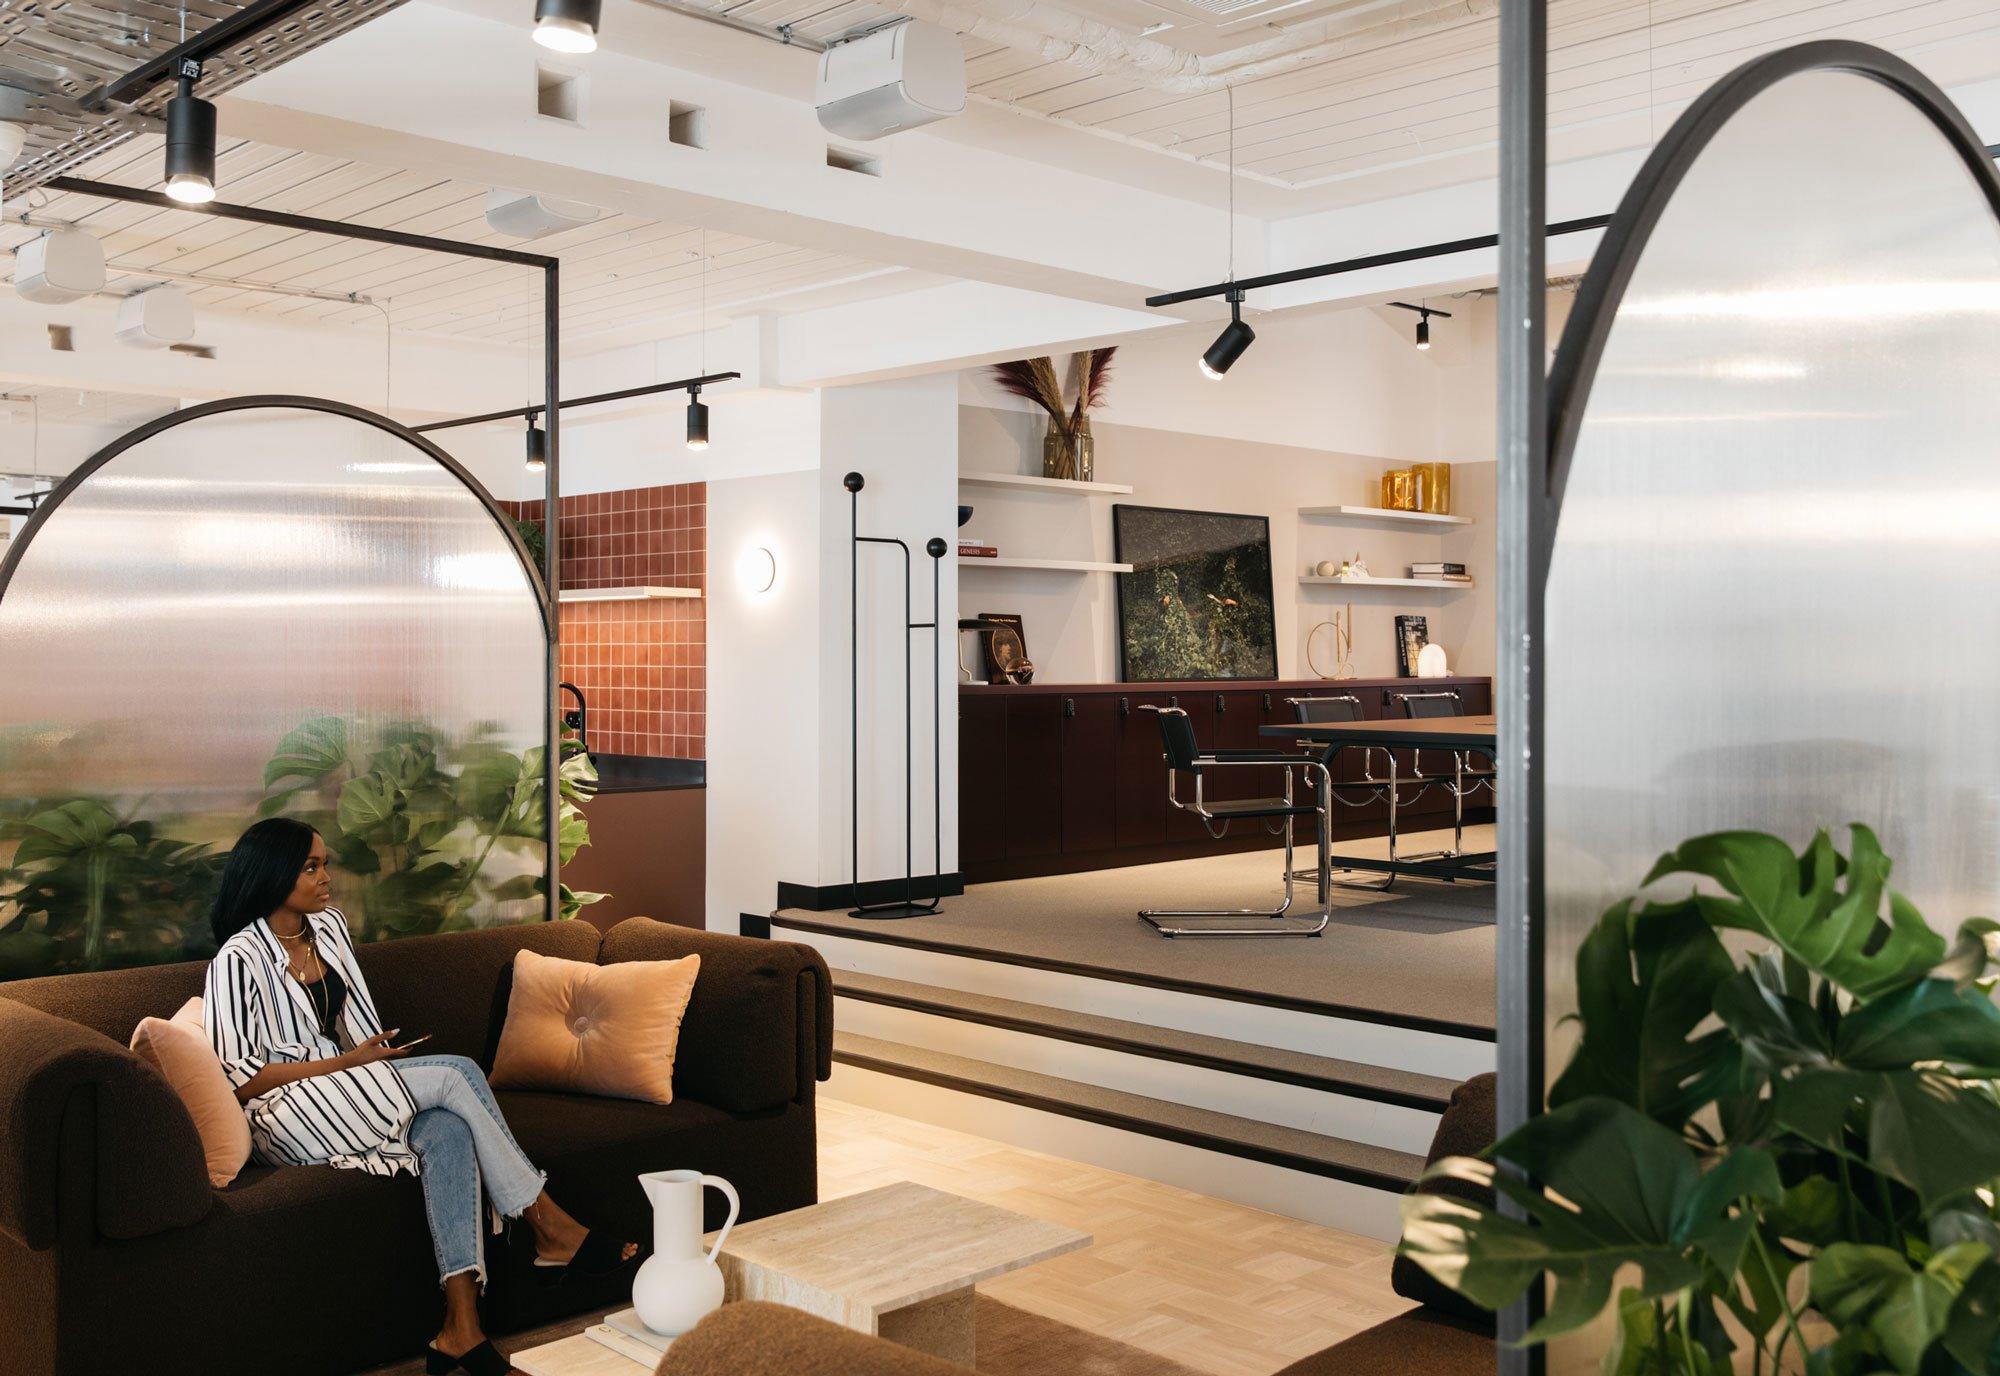 Die bogenförmigen Raumteiler sind eine Reminiszenz an die architektonischen Formen des des Altbaus.